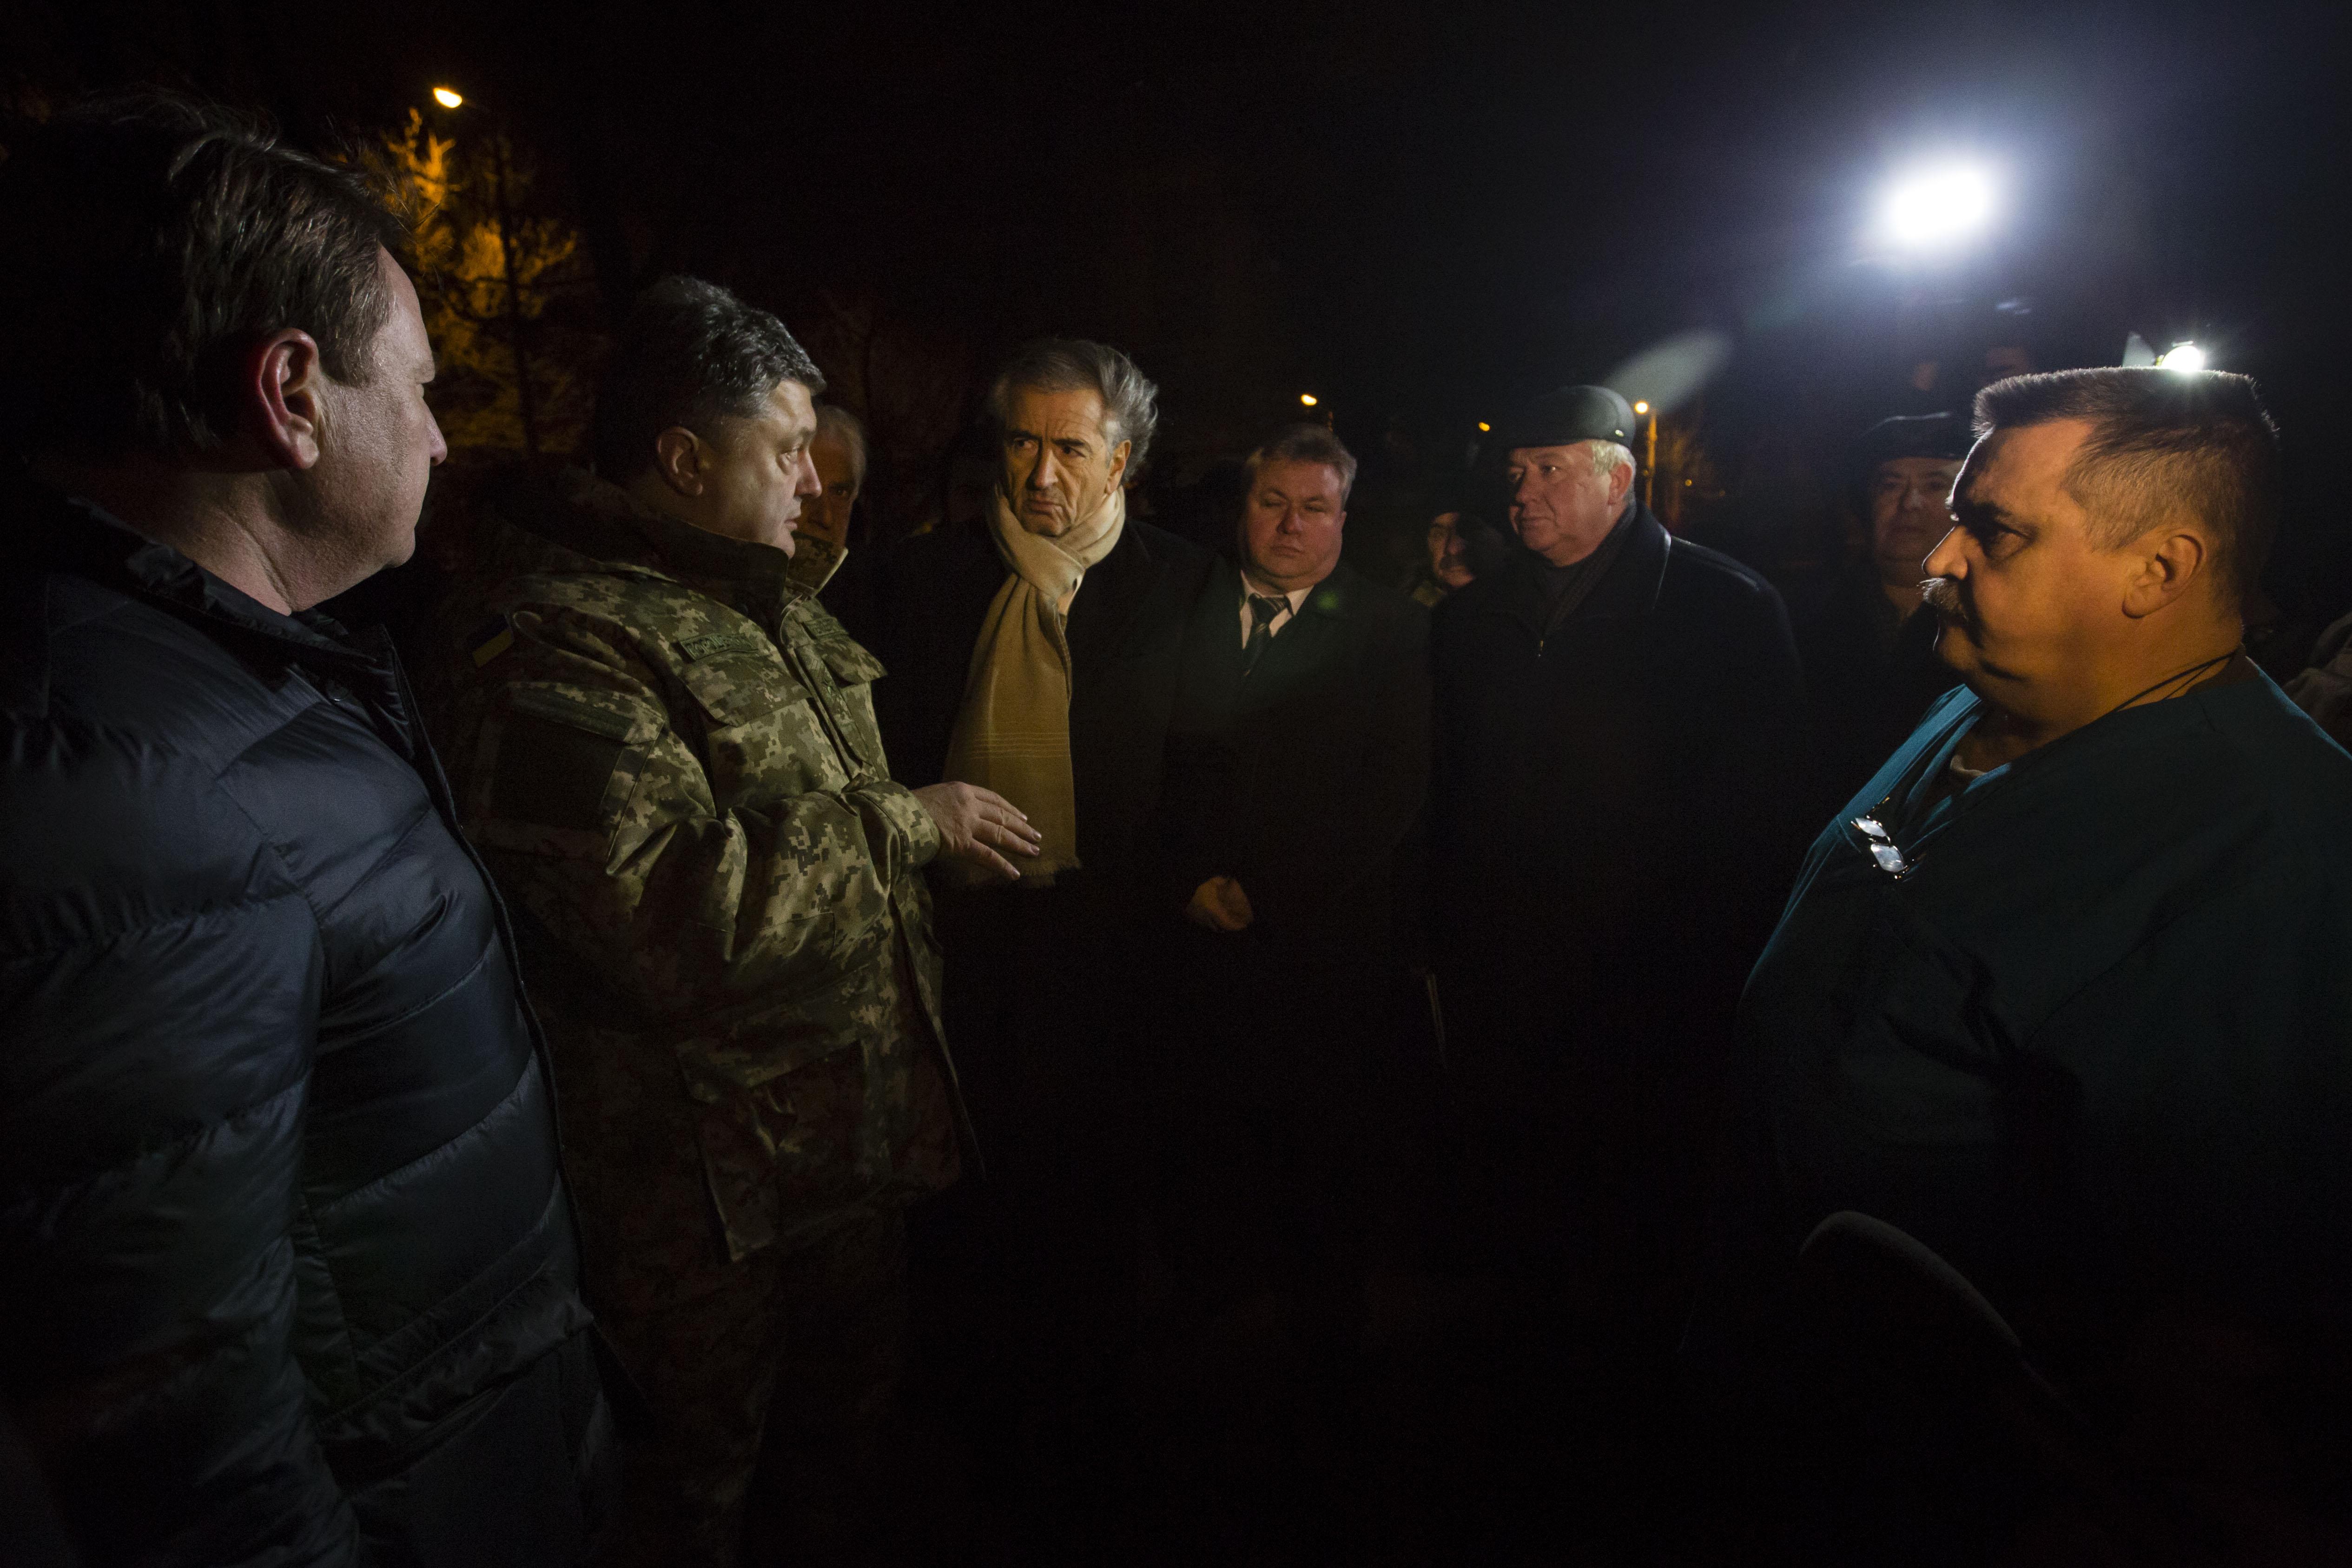 Porochenko_Kramatorsk-Bernard-Henri-Levy_Ukraine